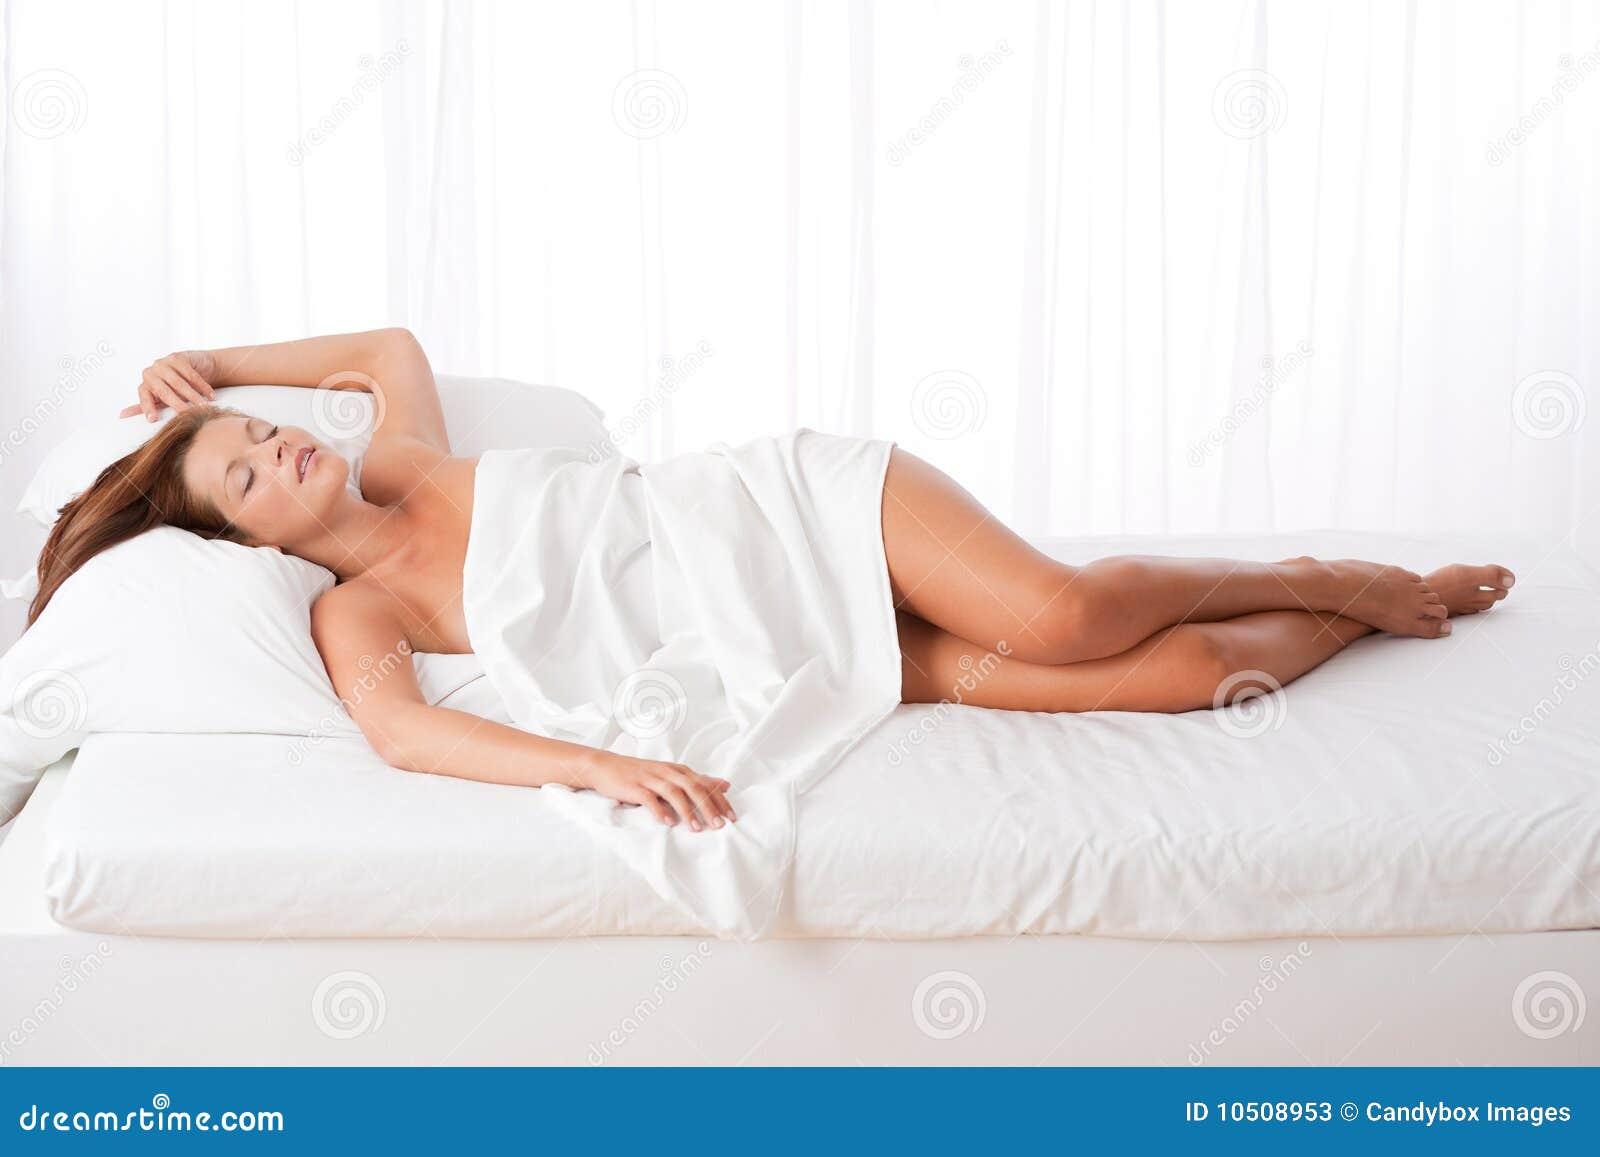 Bedroom Design Clipart